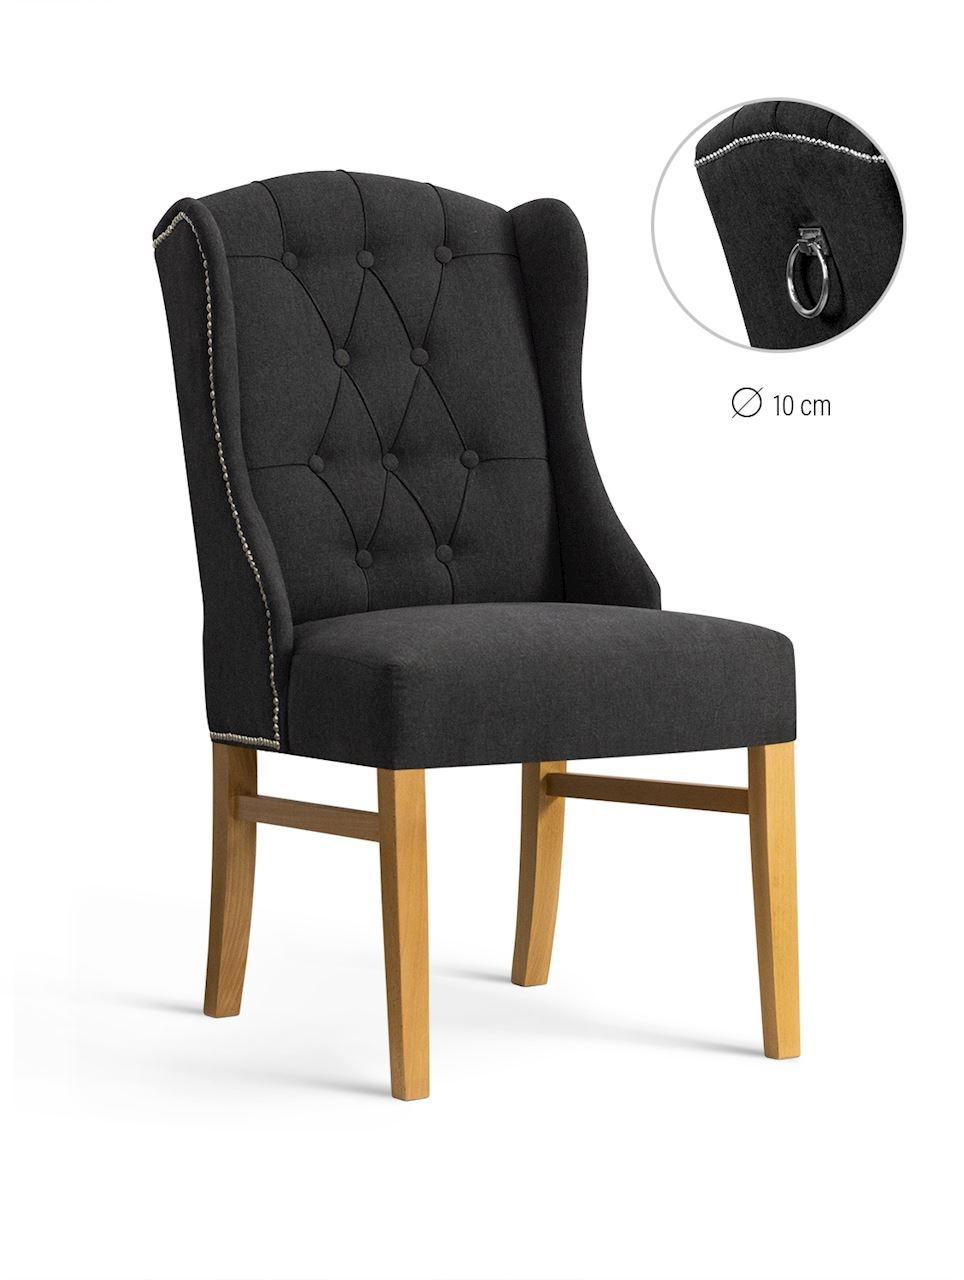 Scaun tapitat cu stofa, cu picioare din lemn Royal Graphite / Oak, l55xA74xH105 cm imagine